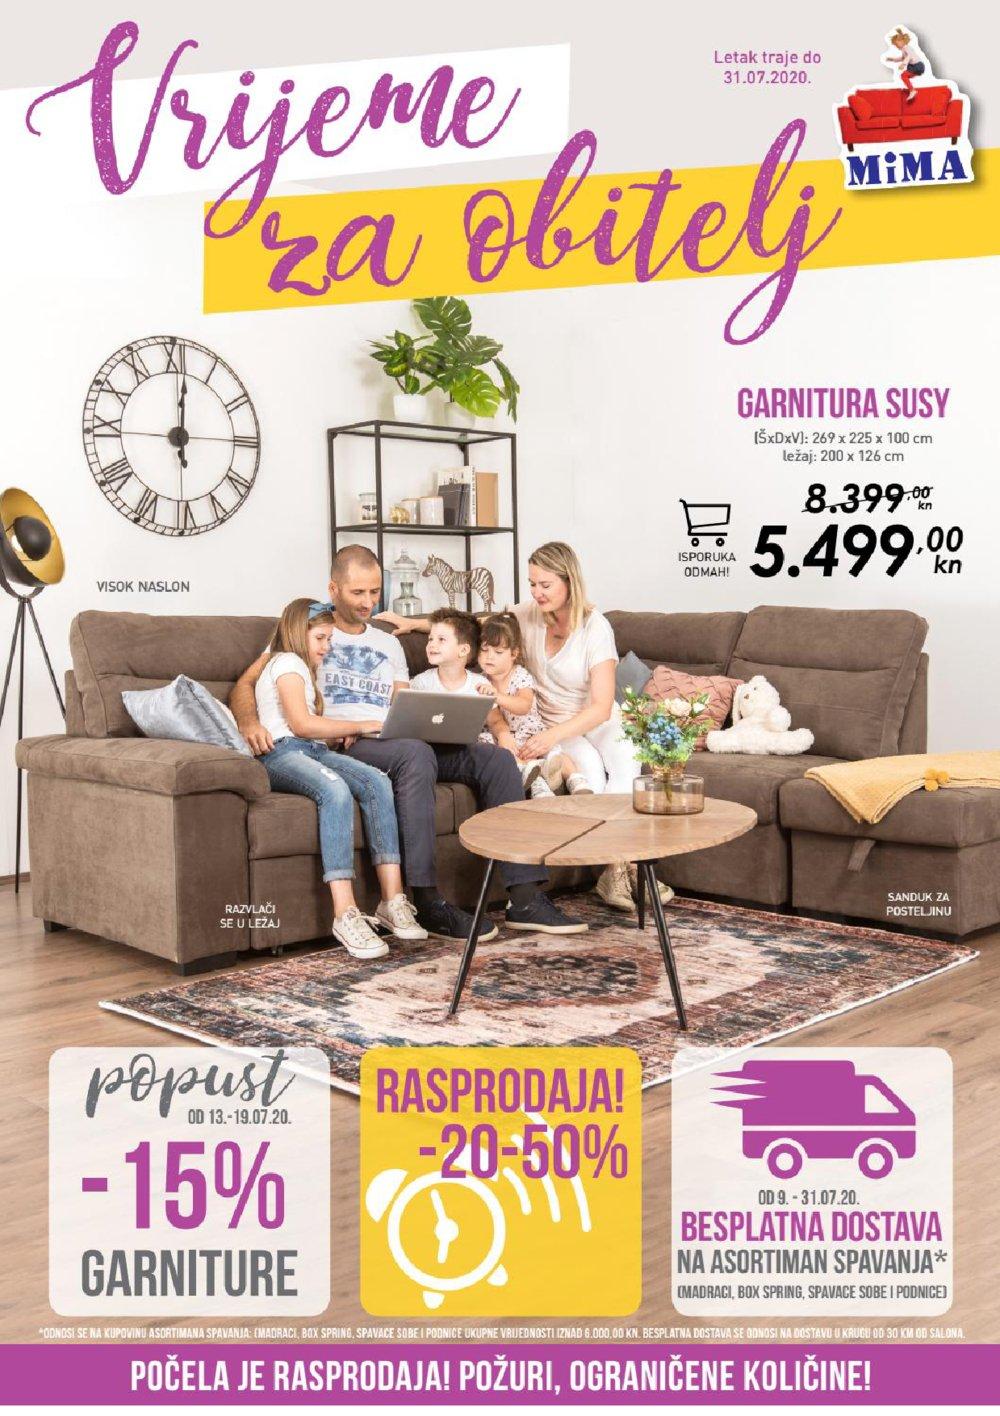 Mima namještaj katalog Vrijeme za obitelj 10.07.-31.07.2020.